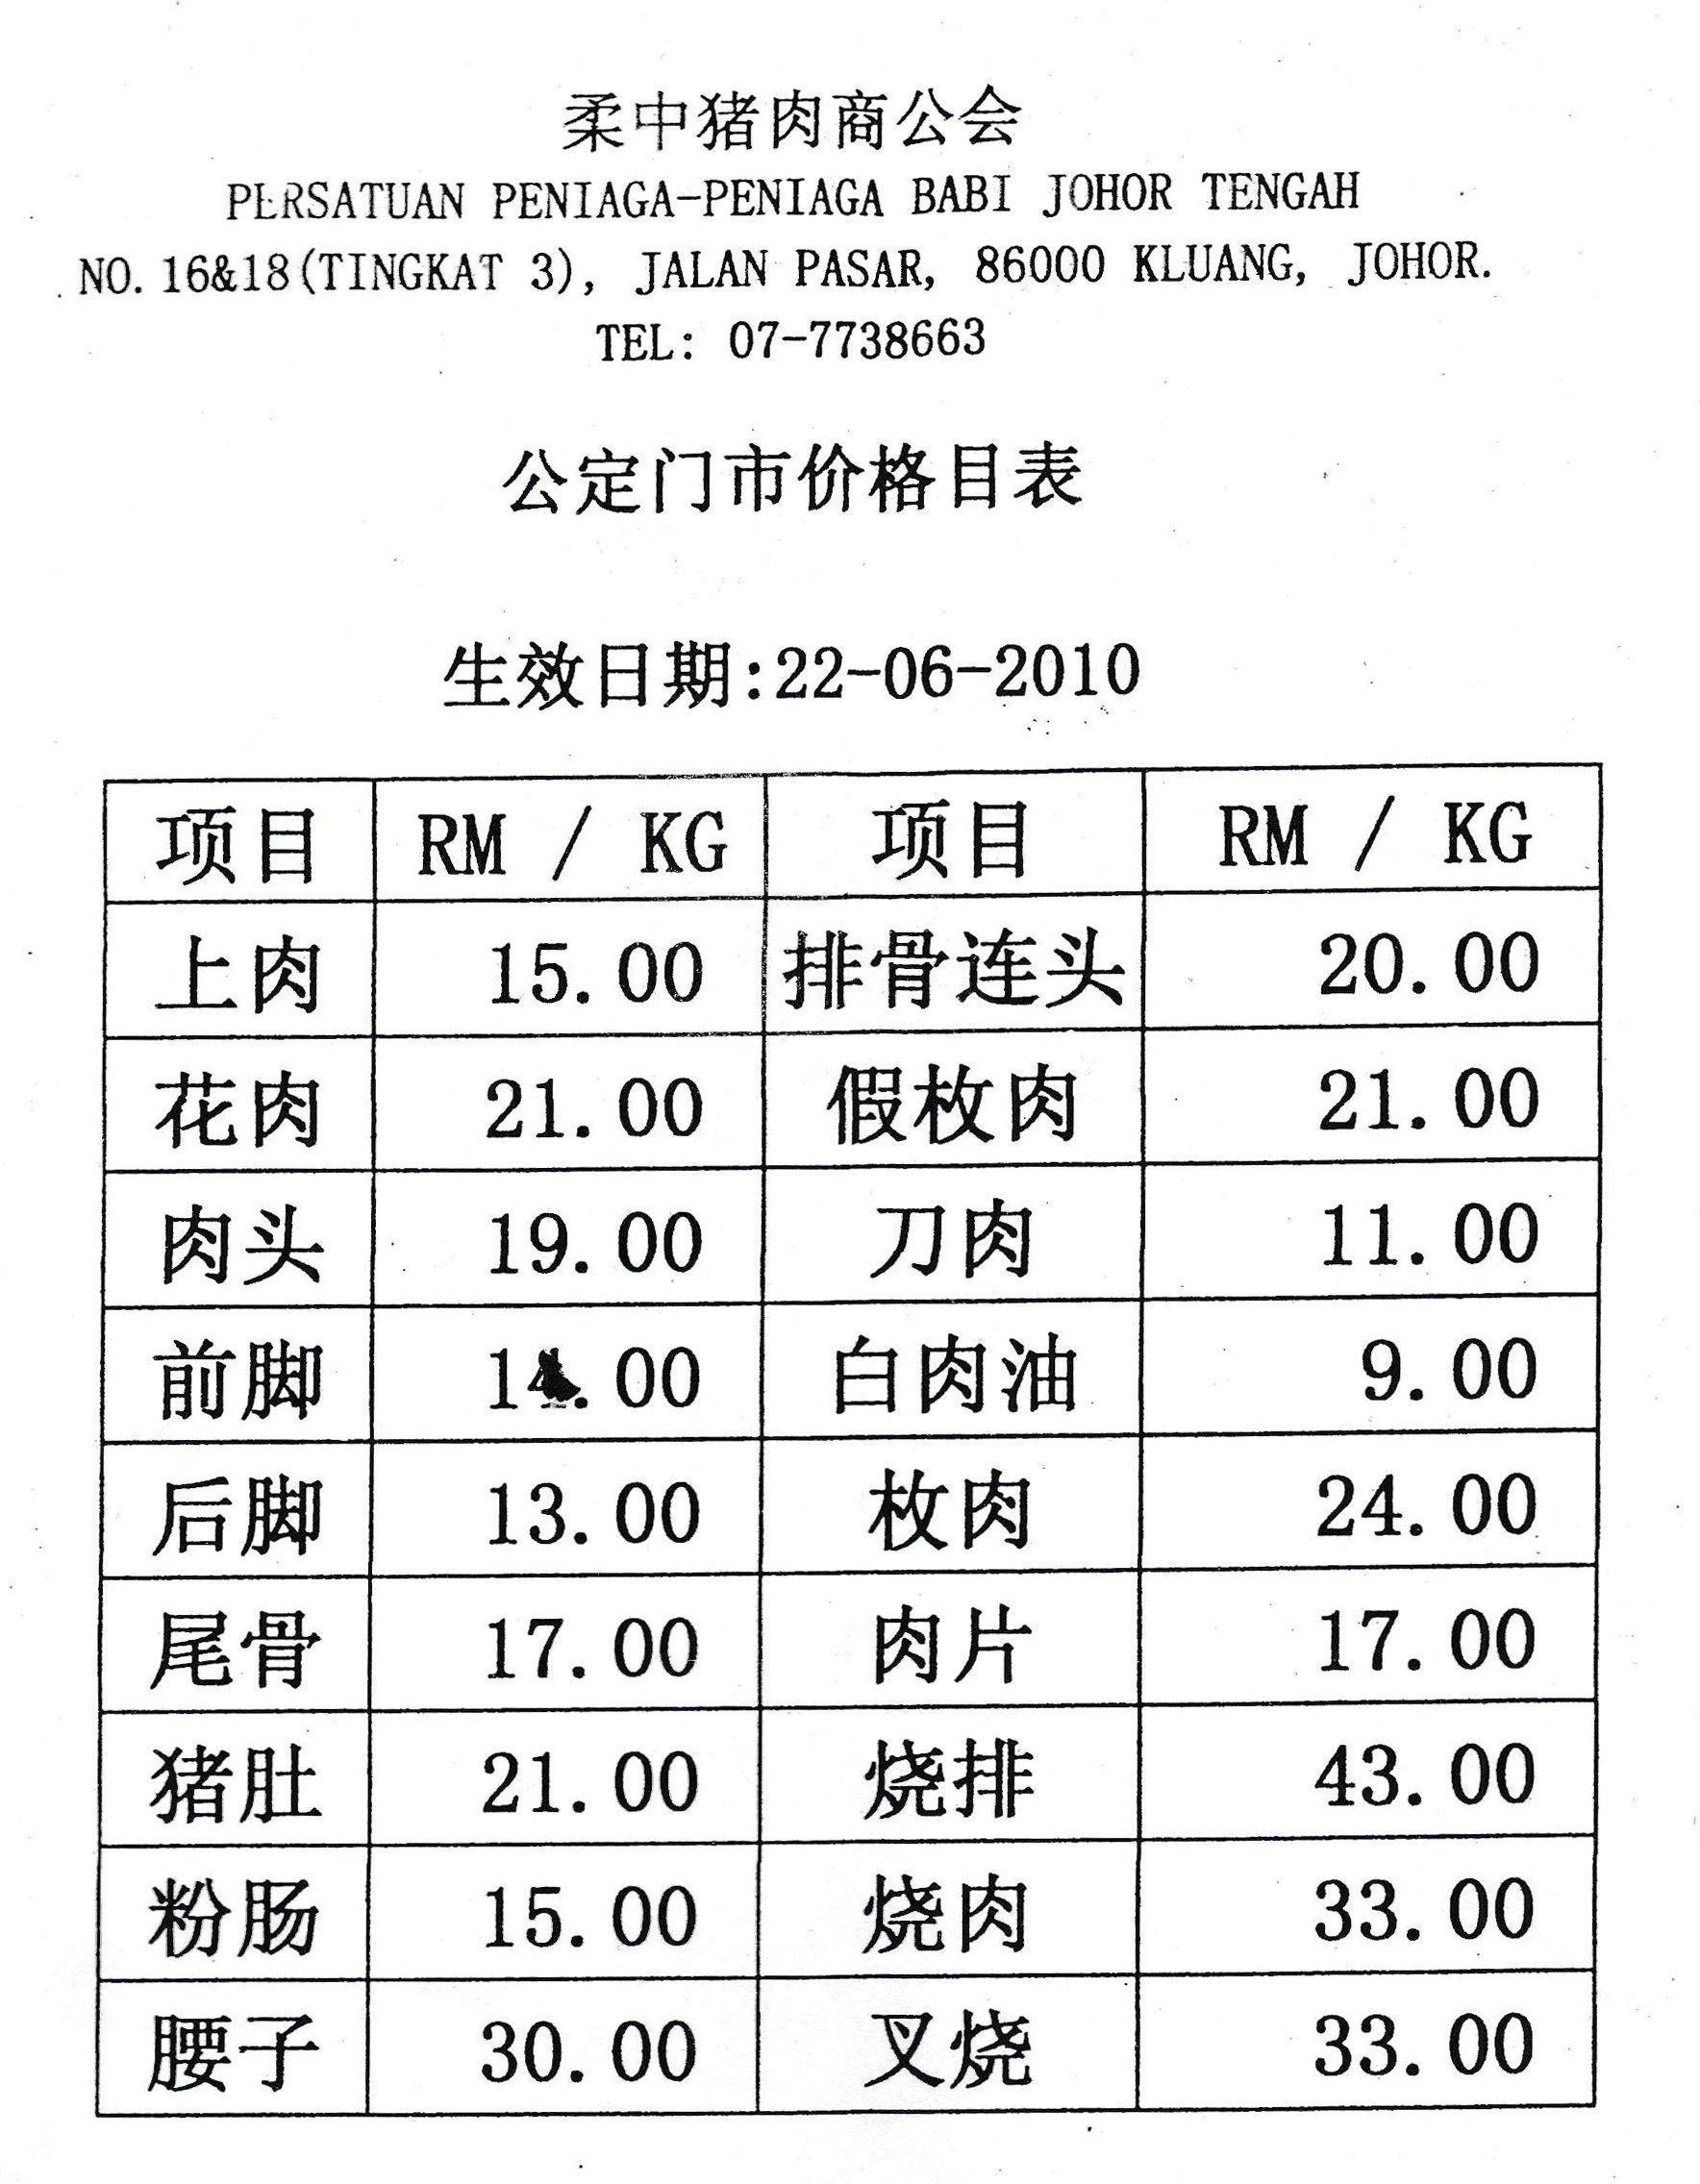 马来西亚食神-猪肉价